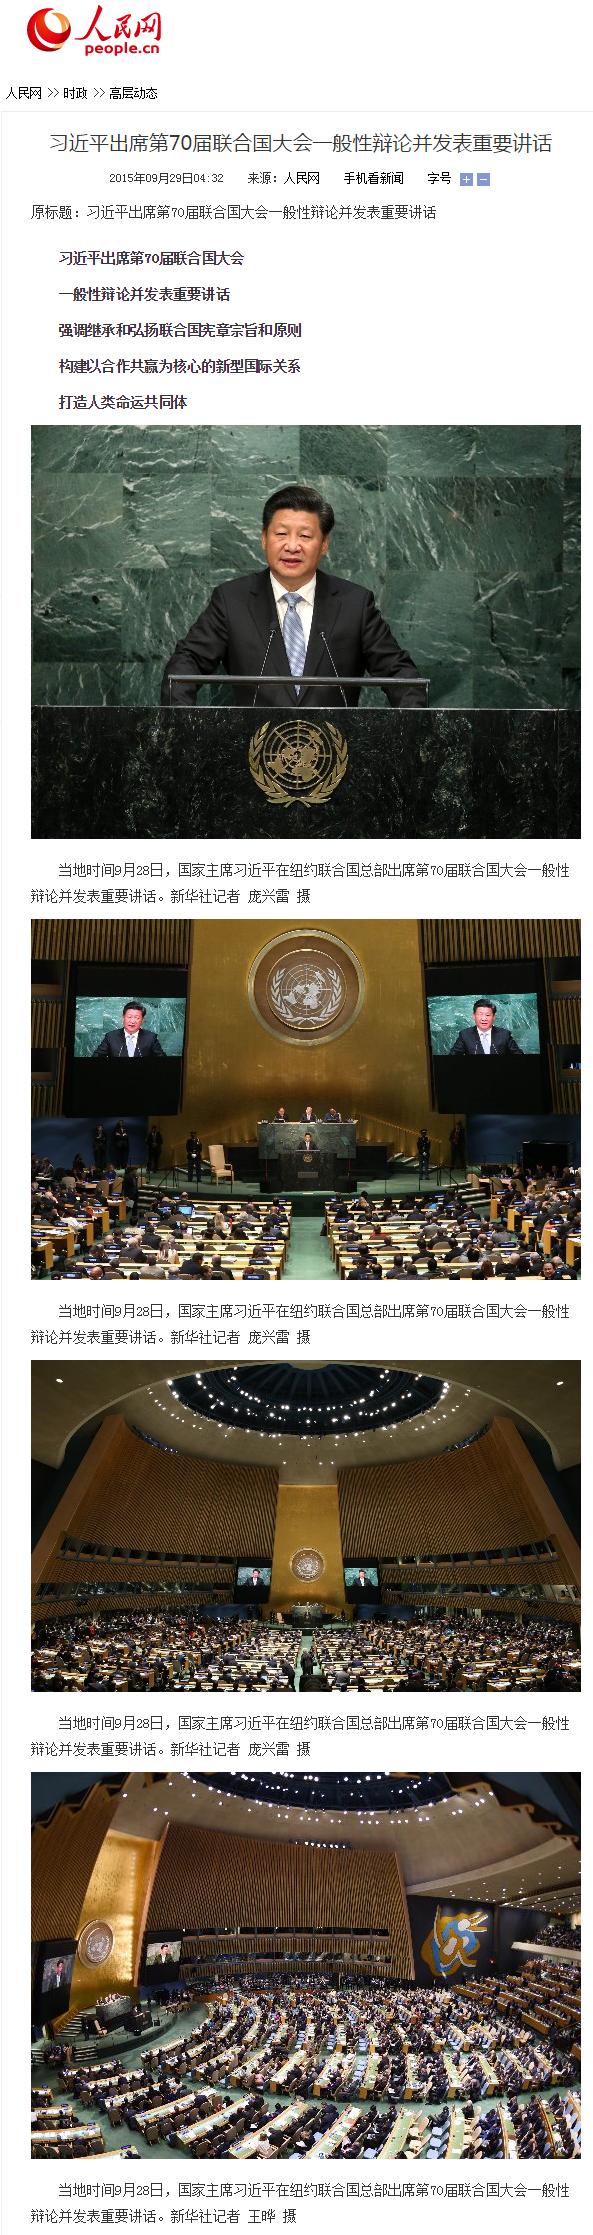 习近平出席第70届联合国大会